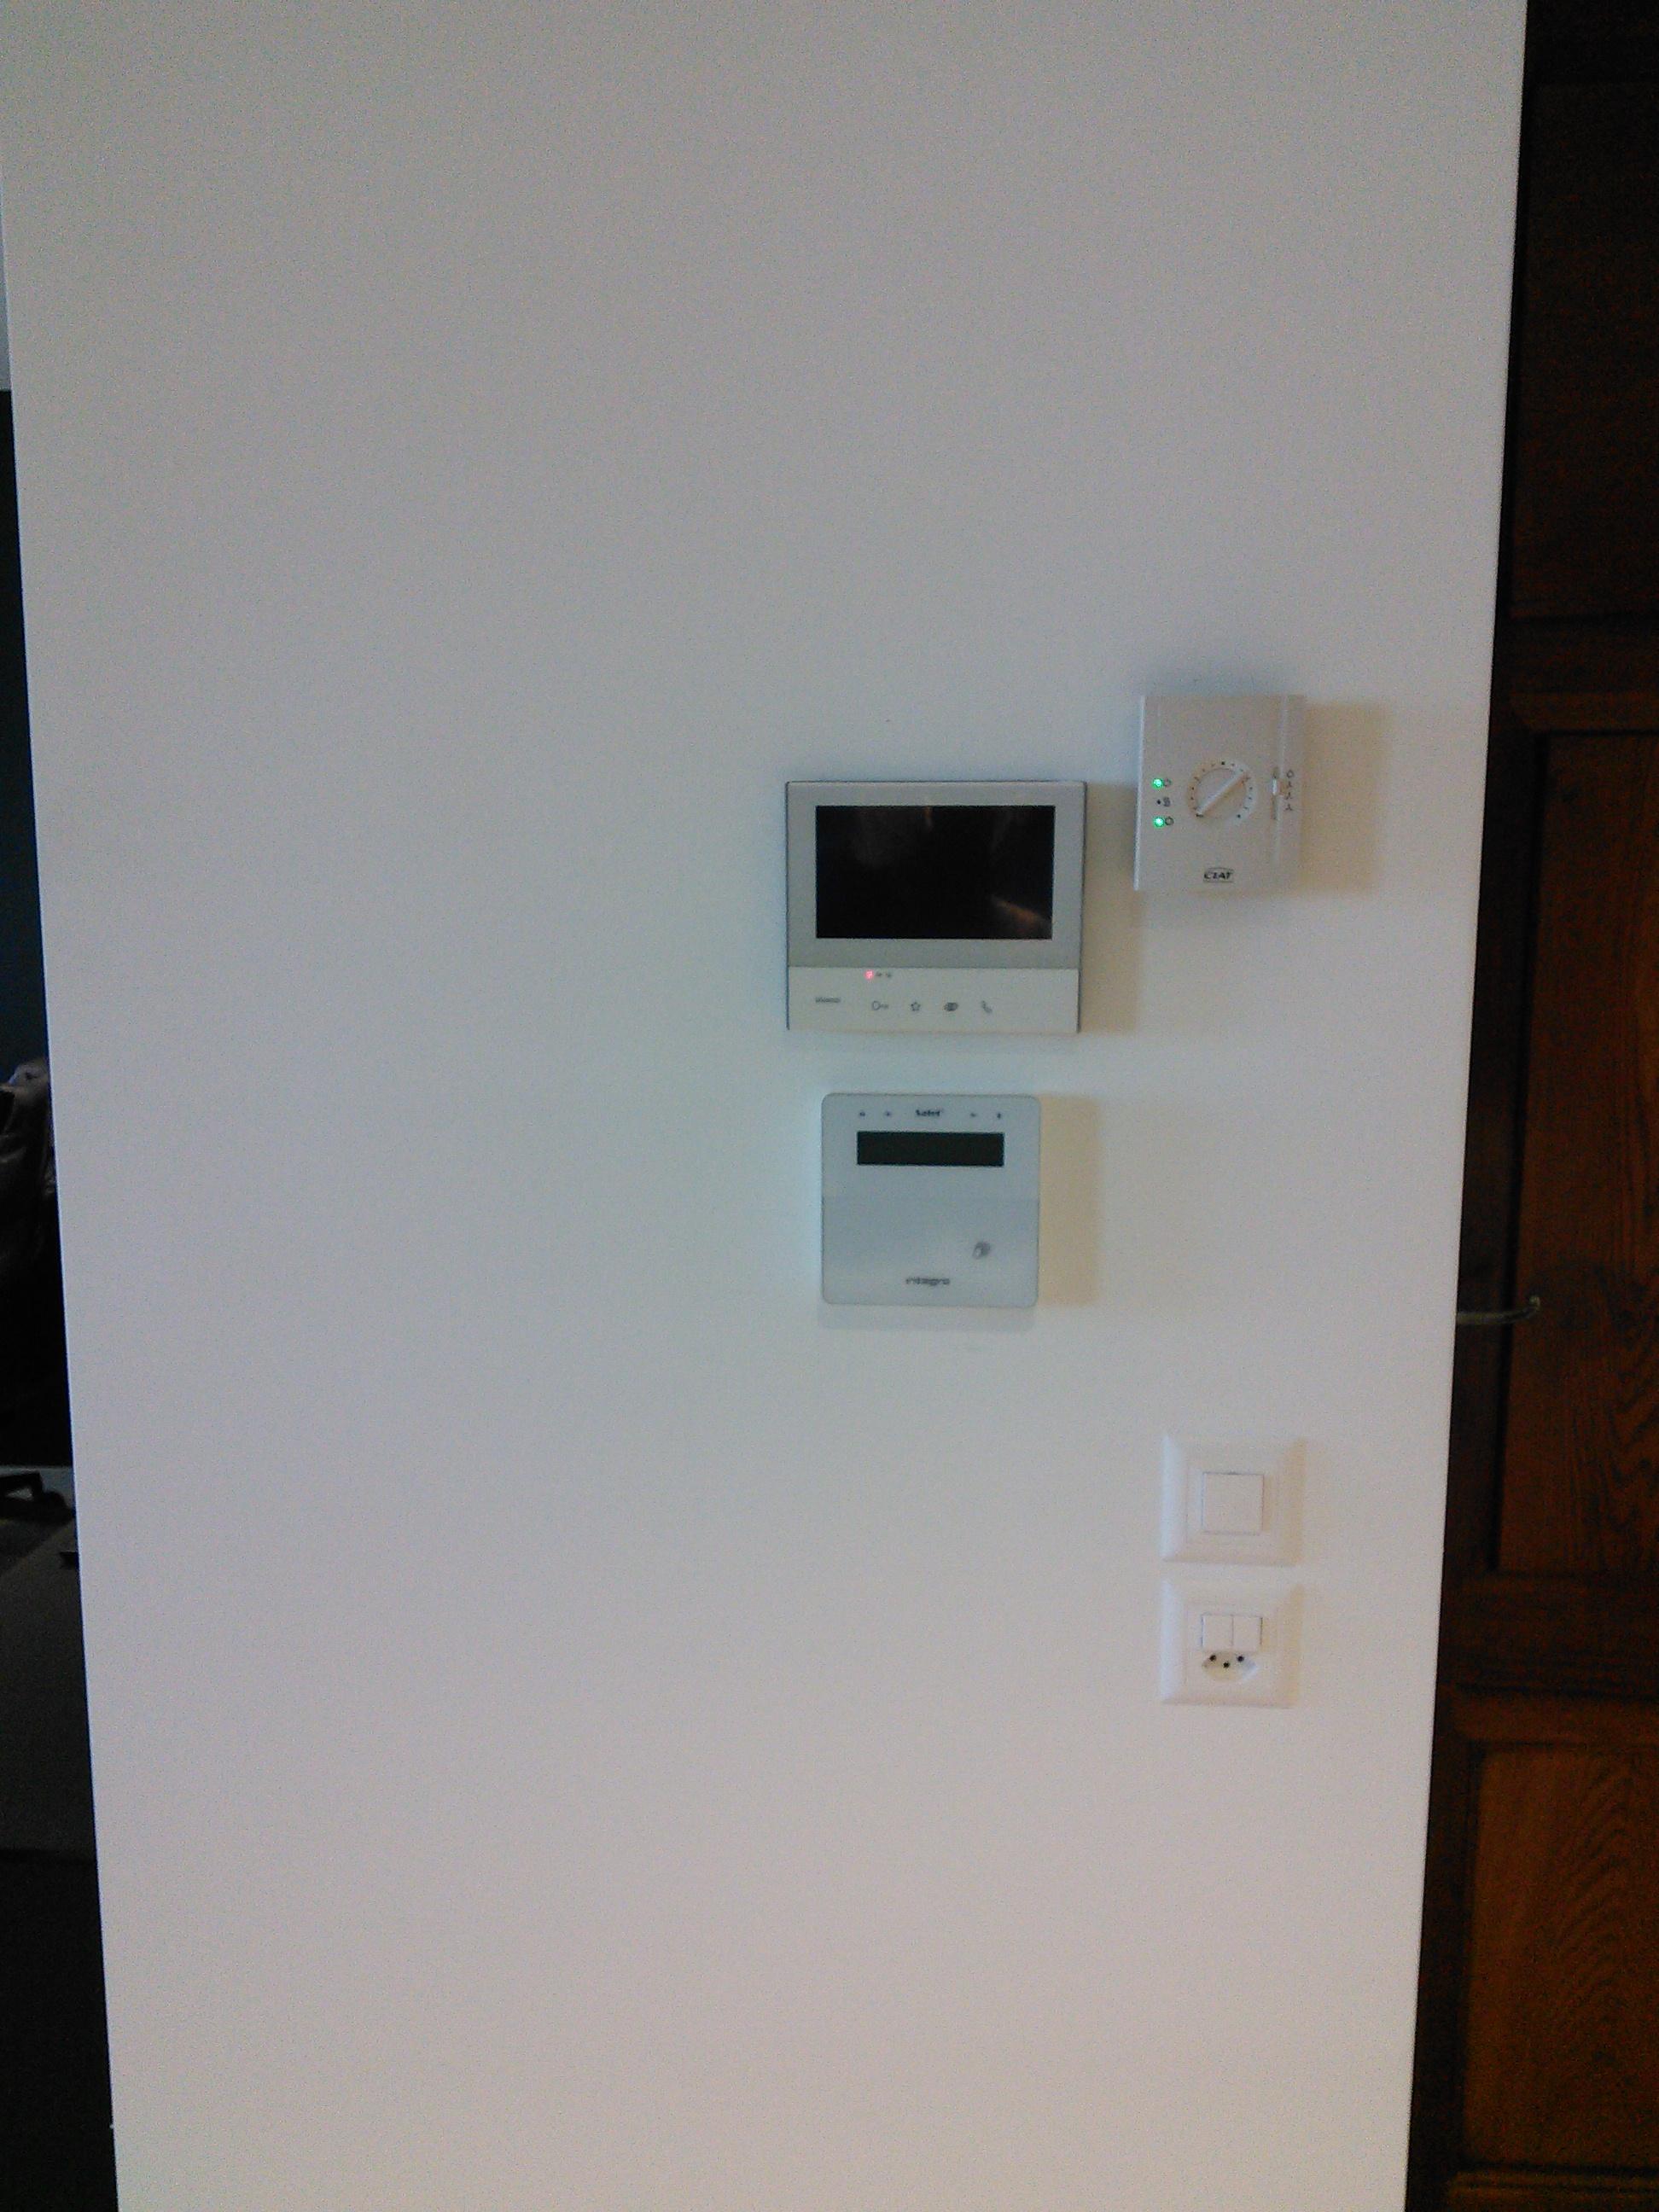 Tastiera di controllo del sistema di sicurezza